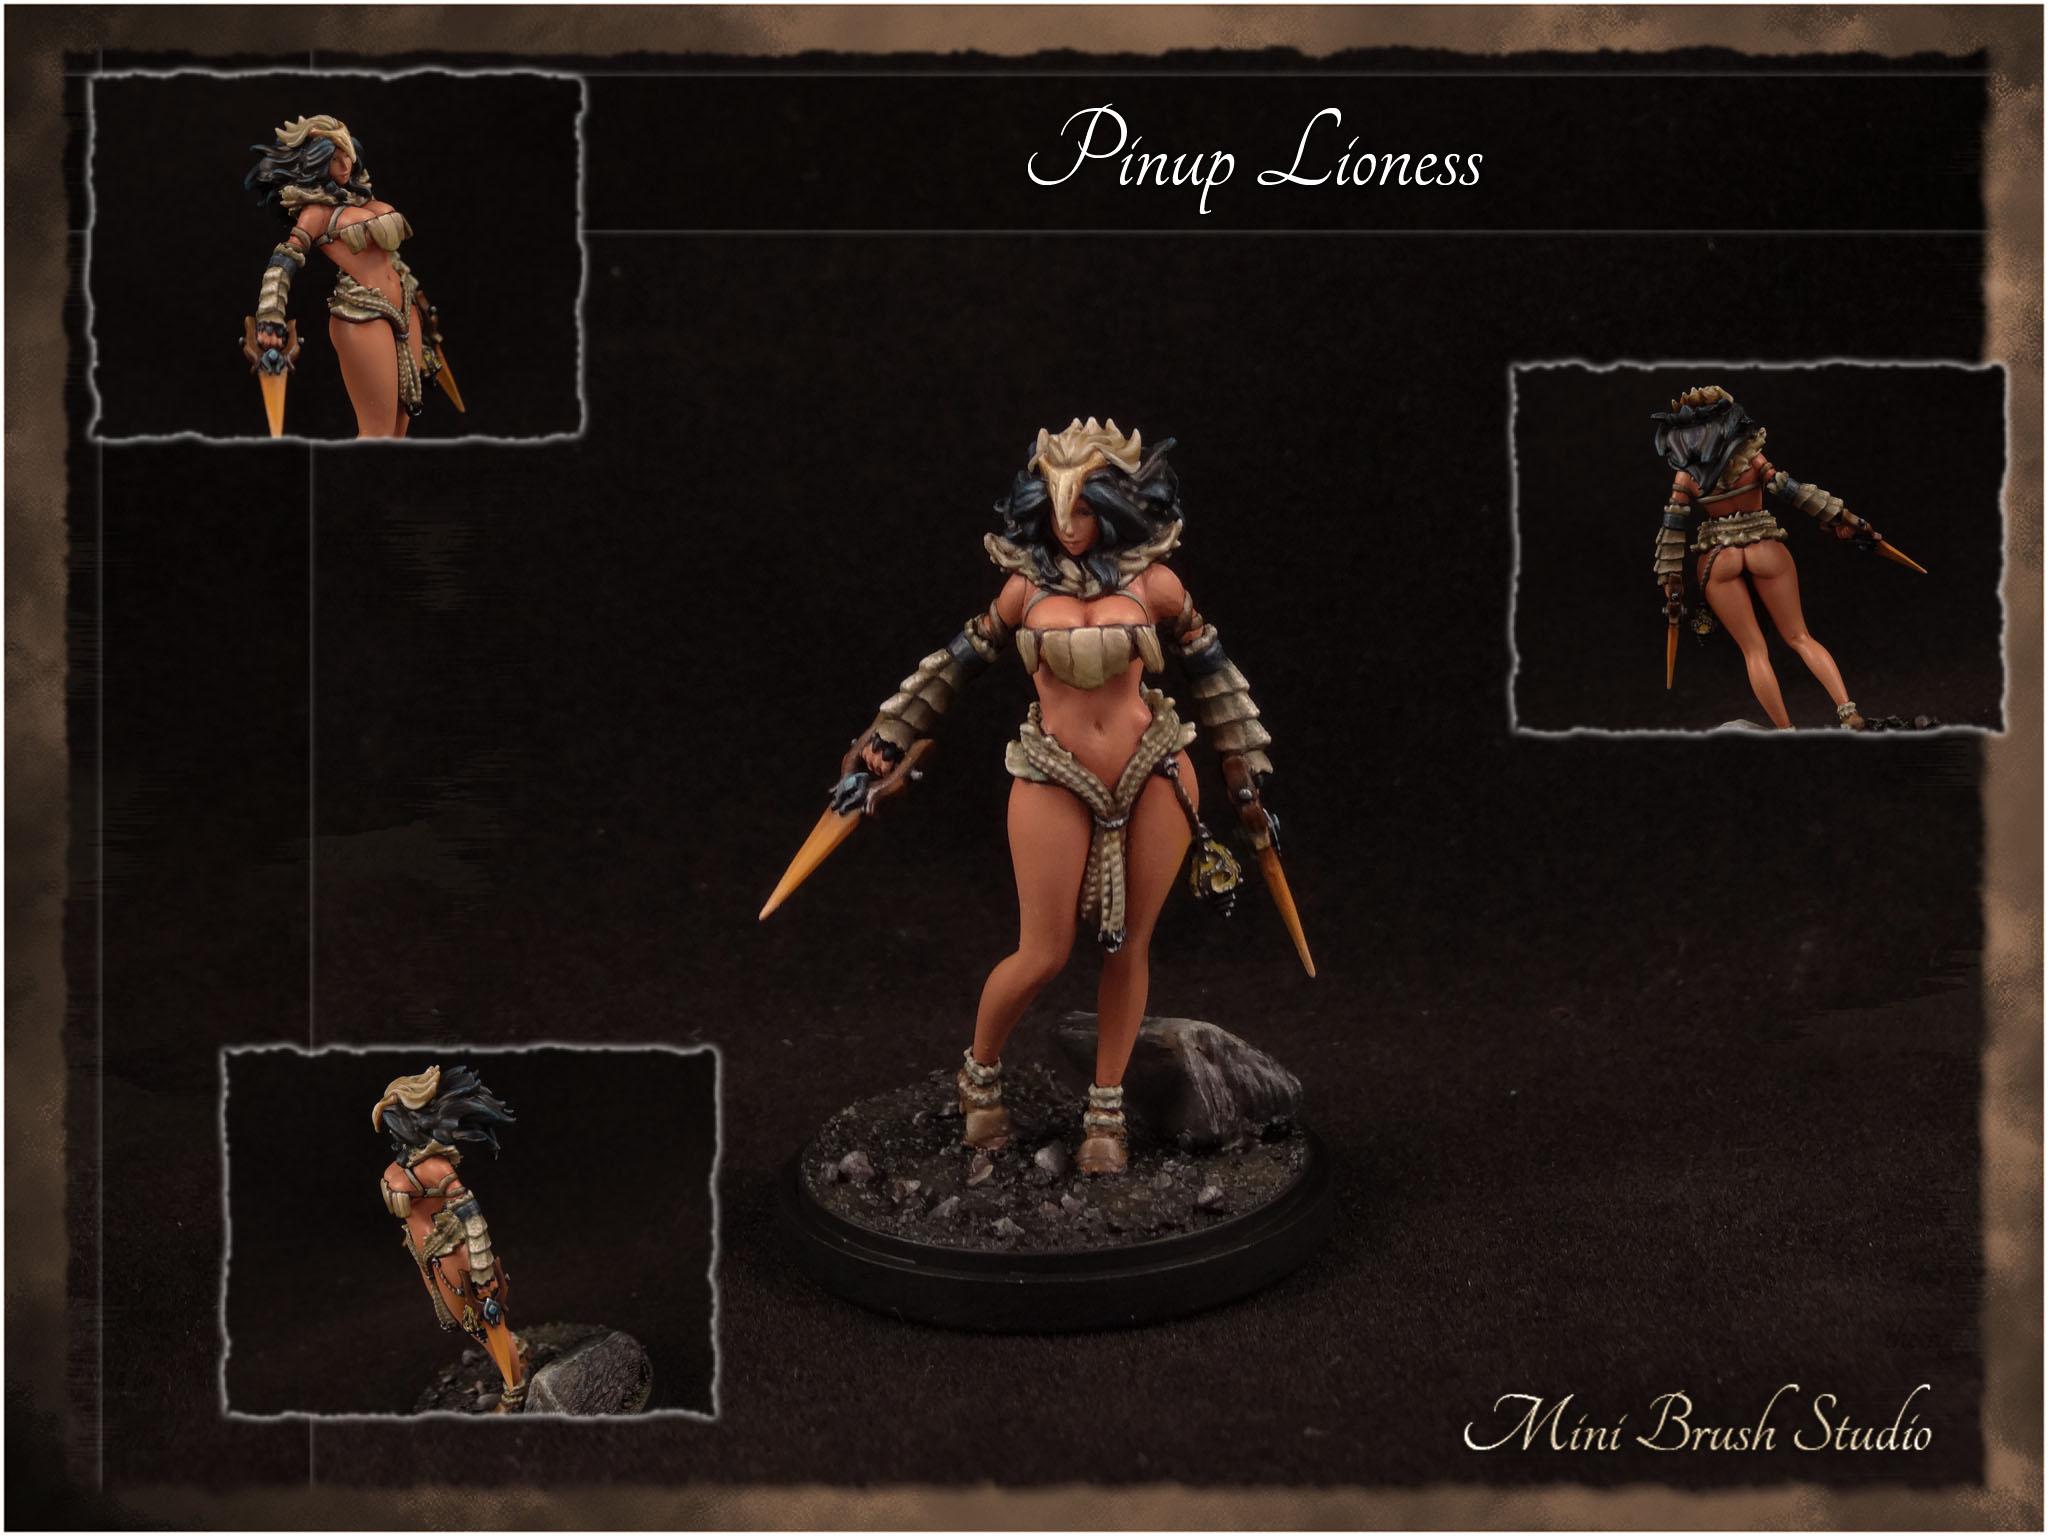 Pinup Lioness 1 v7.jpg